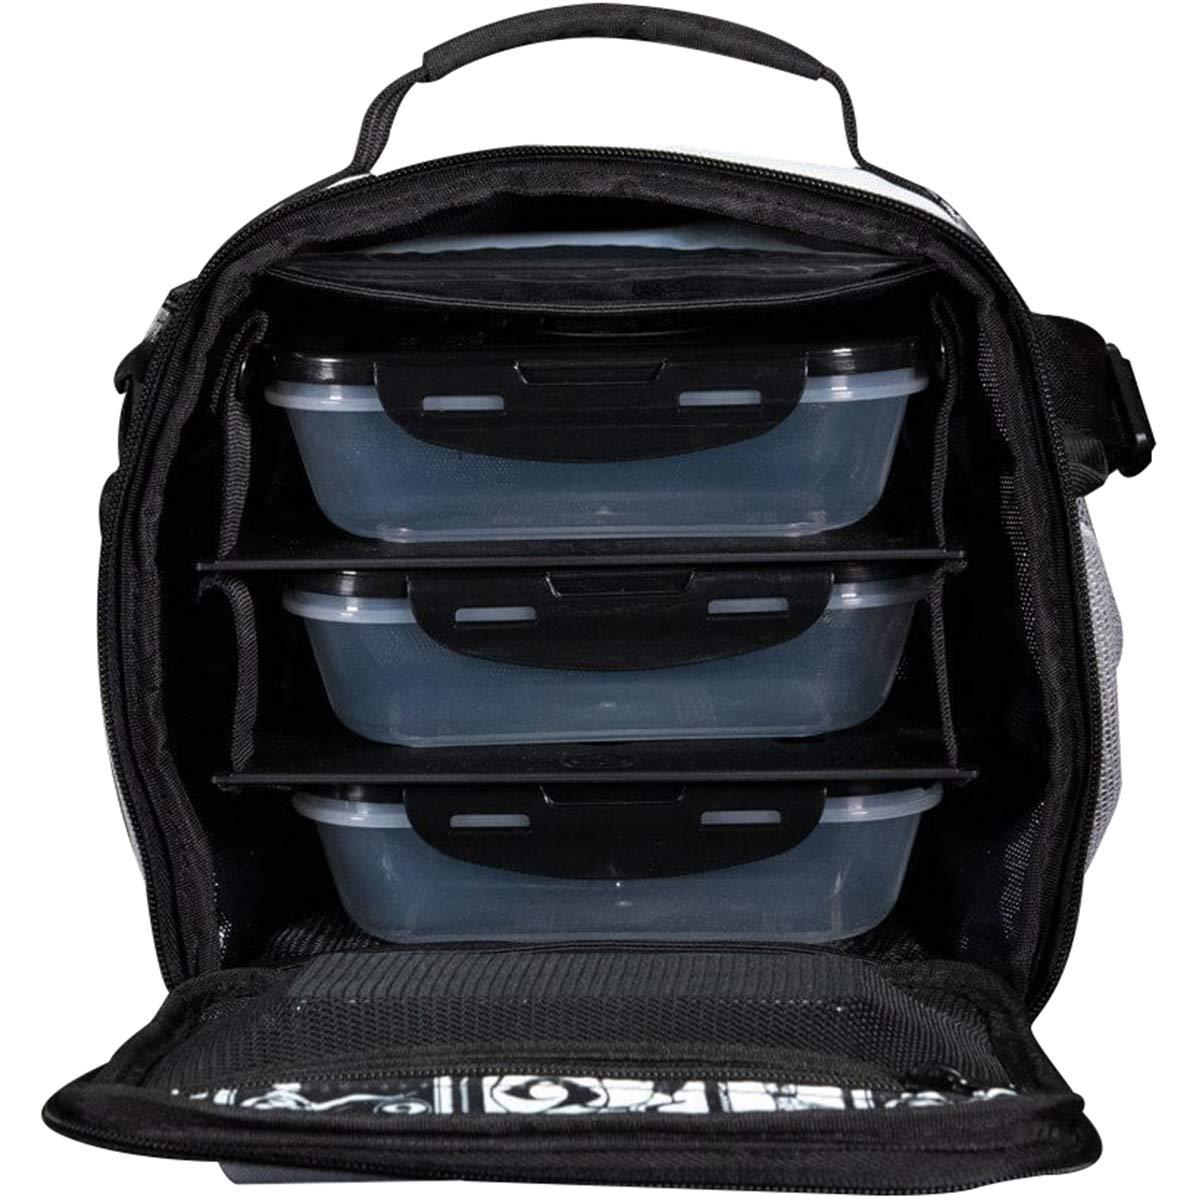 フィットネス ザキューブ 食事管理バッグ 6パック - グレー/ブラック B07GPRWK6H